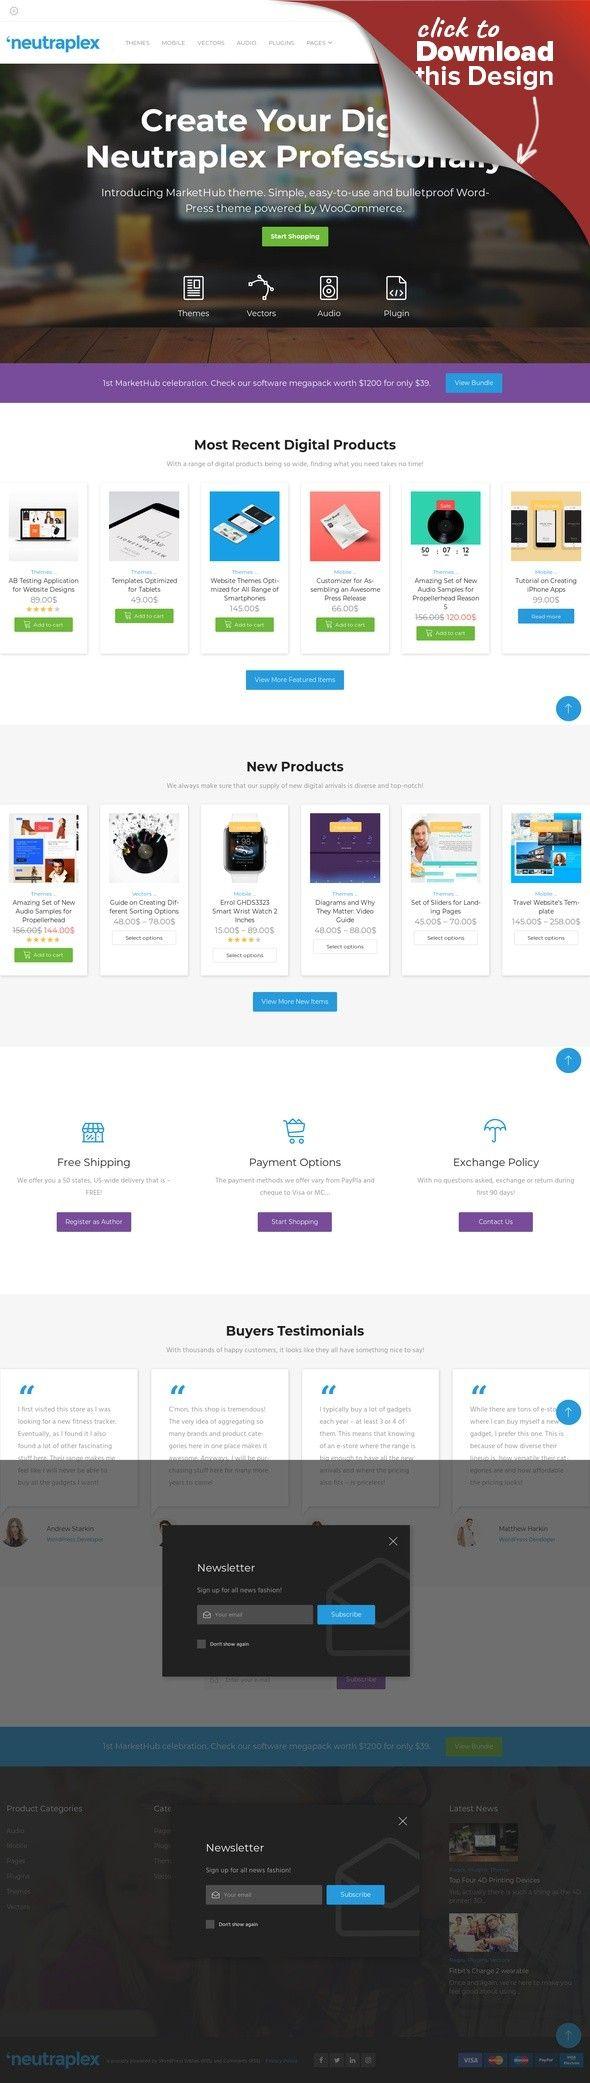 Responsives WooCommerce Theme für Web Entwicklung E-commerce Vorlagen, WooCommerce Themes, Computers und Internet   WooCommerce Theme #58921 für Web Entwicklung . Dabei gibt es Zusatzfunktionen, Stockfotos und eine umfassende Dokumentation.